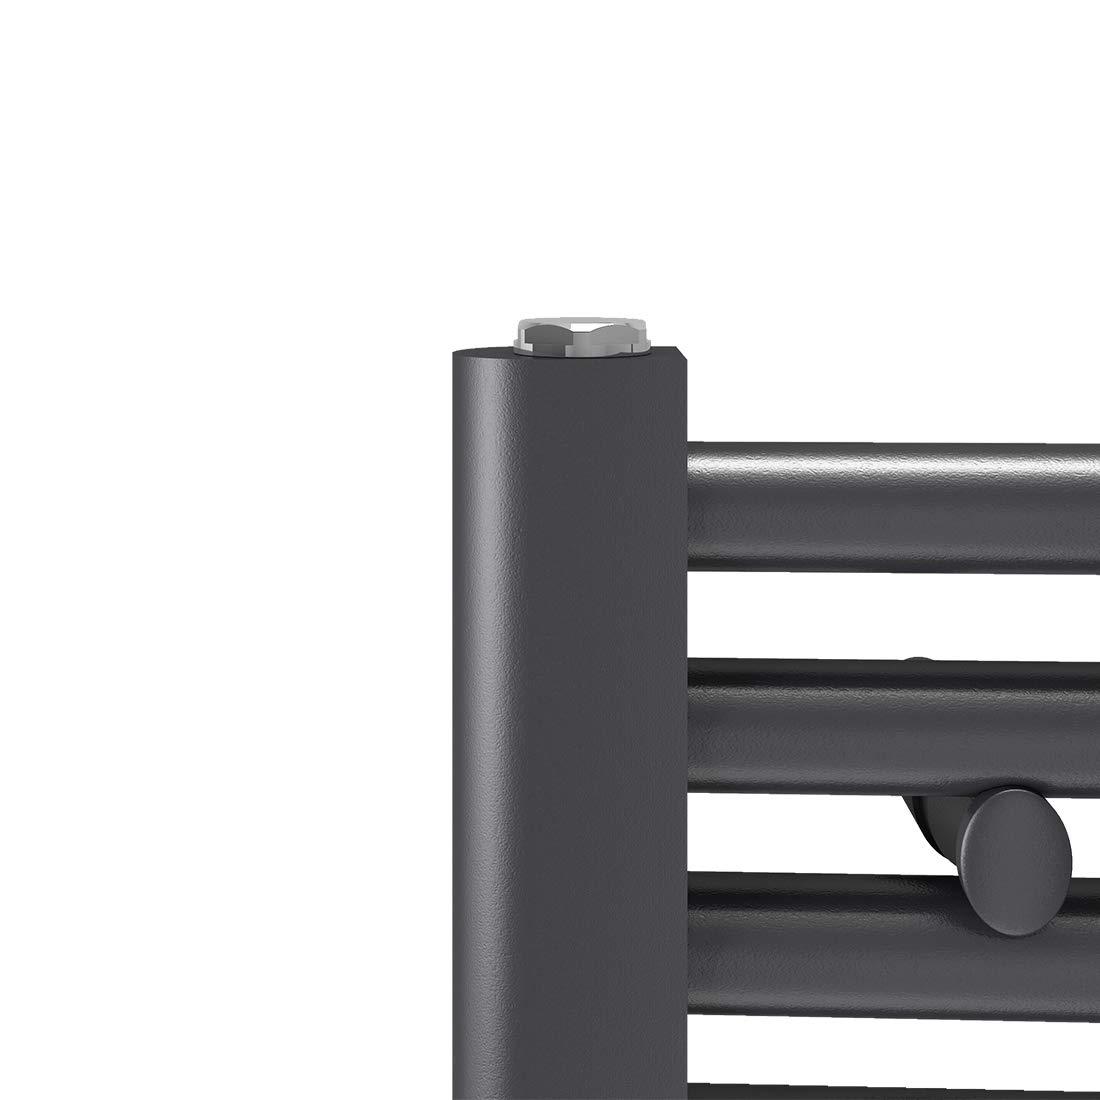 Antrazit Badheizk/örper Handtuchtrockner Heizk/örper 1600x400mm Horizontal Rohrdurchmesser: 22mm 789 Watt Leistung Bad-Heizk/örper Bad Mittelanschluss Heizung